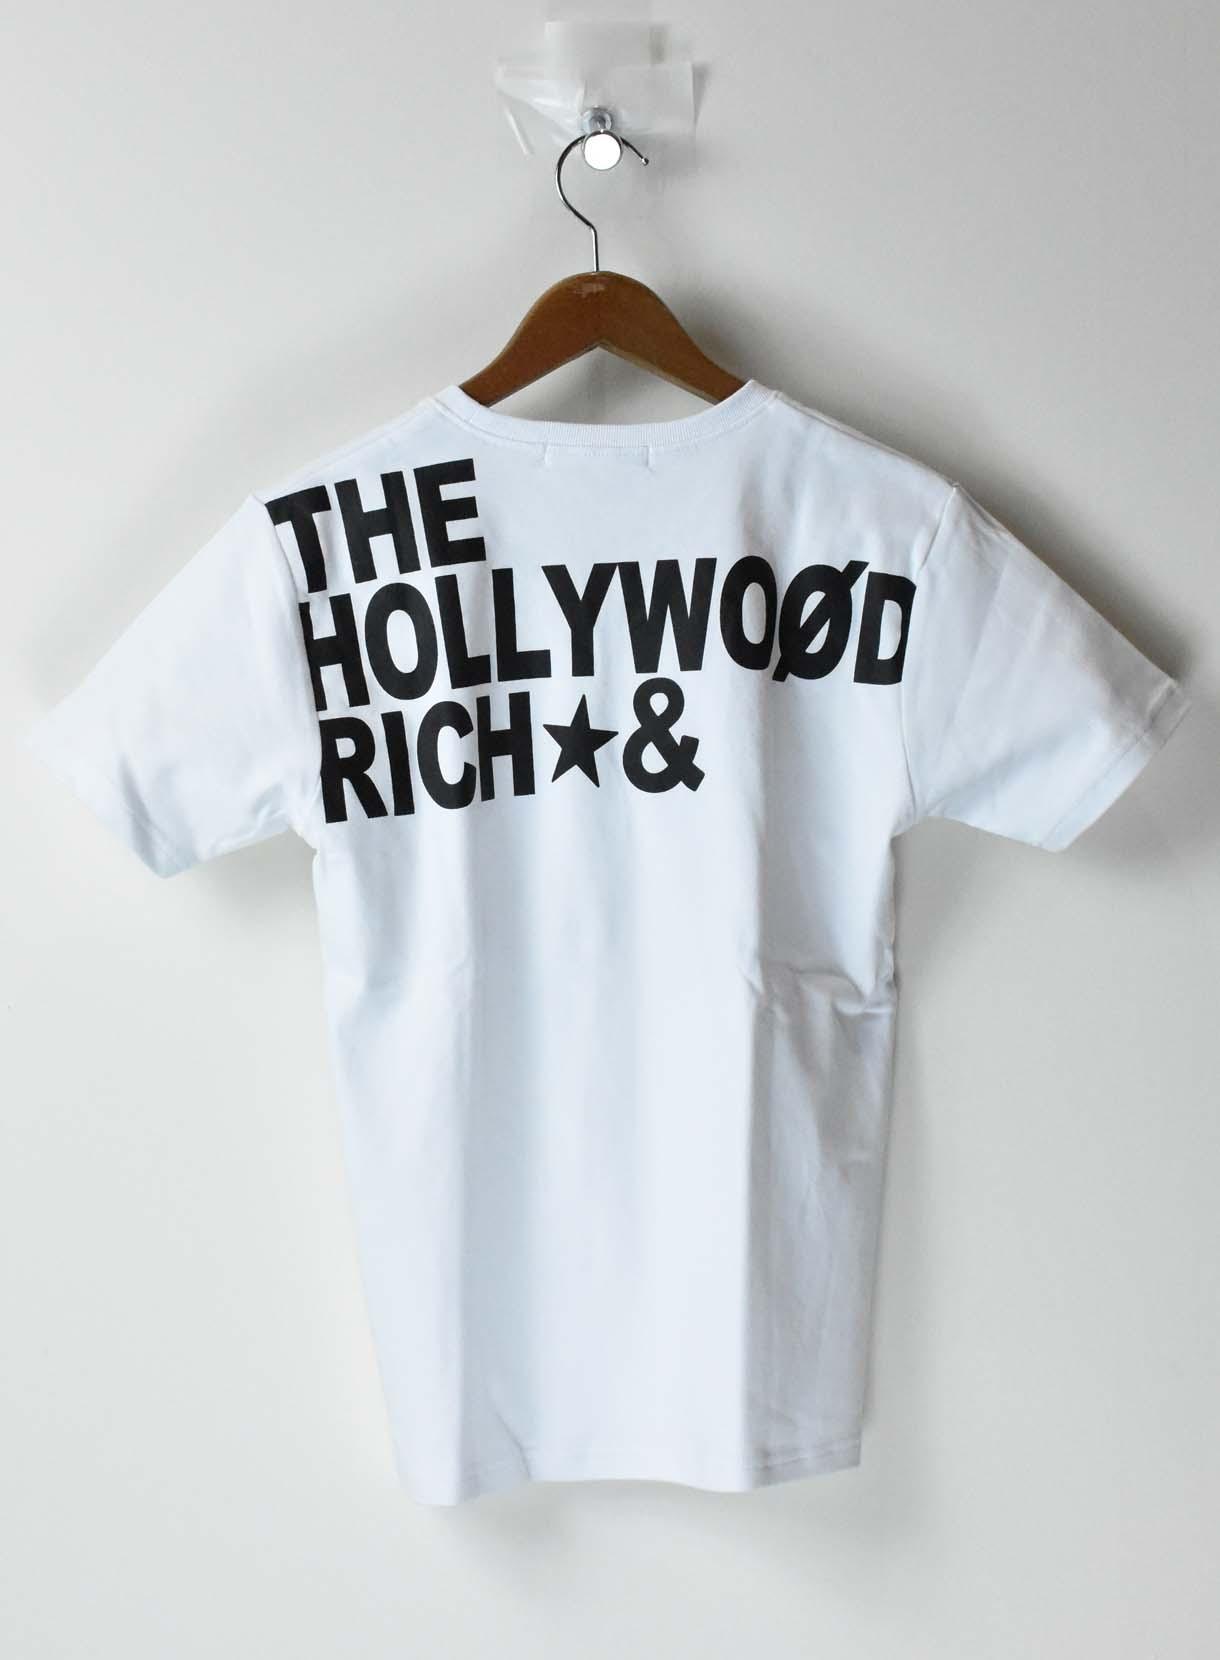 BACK ビックロゴTシャツ